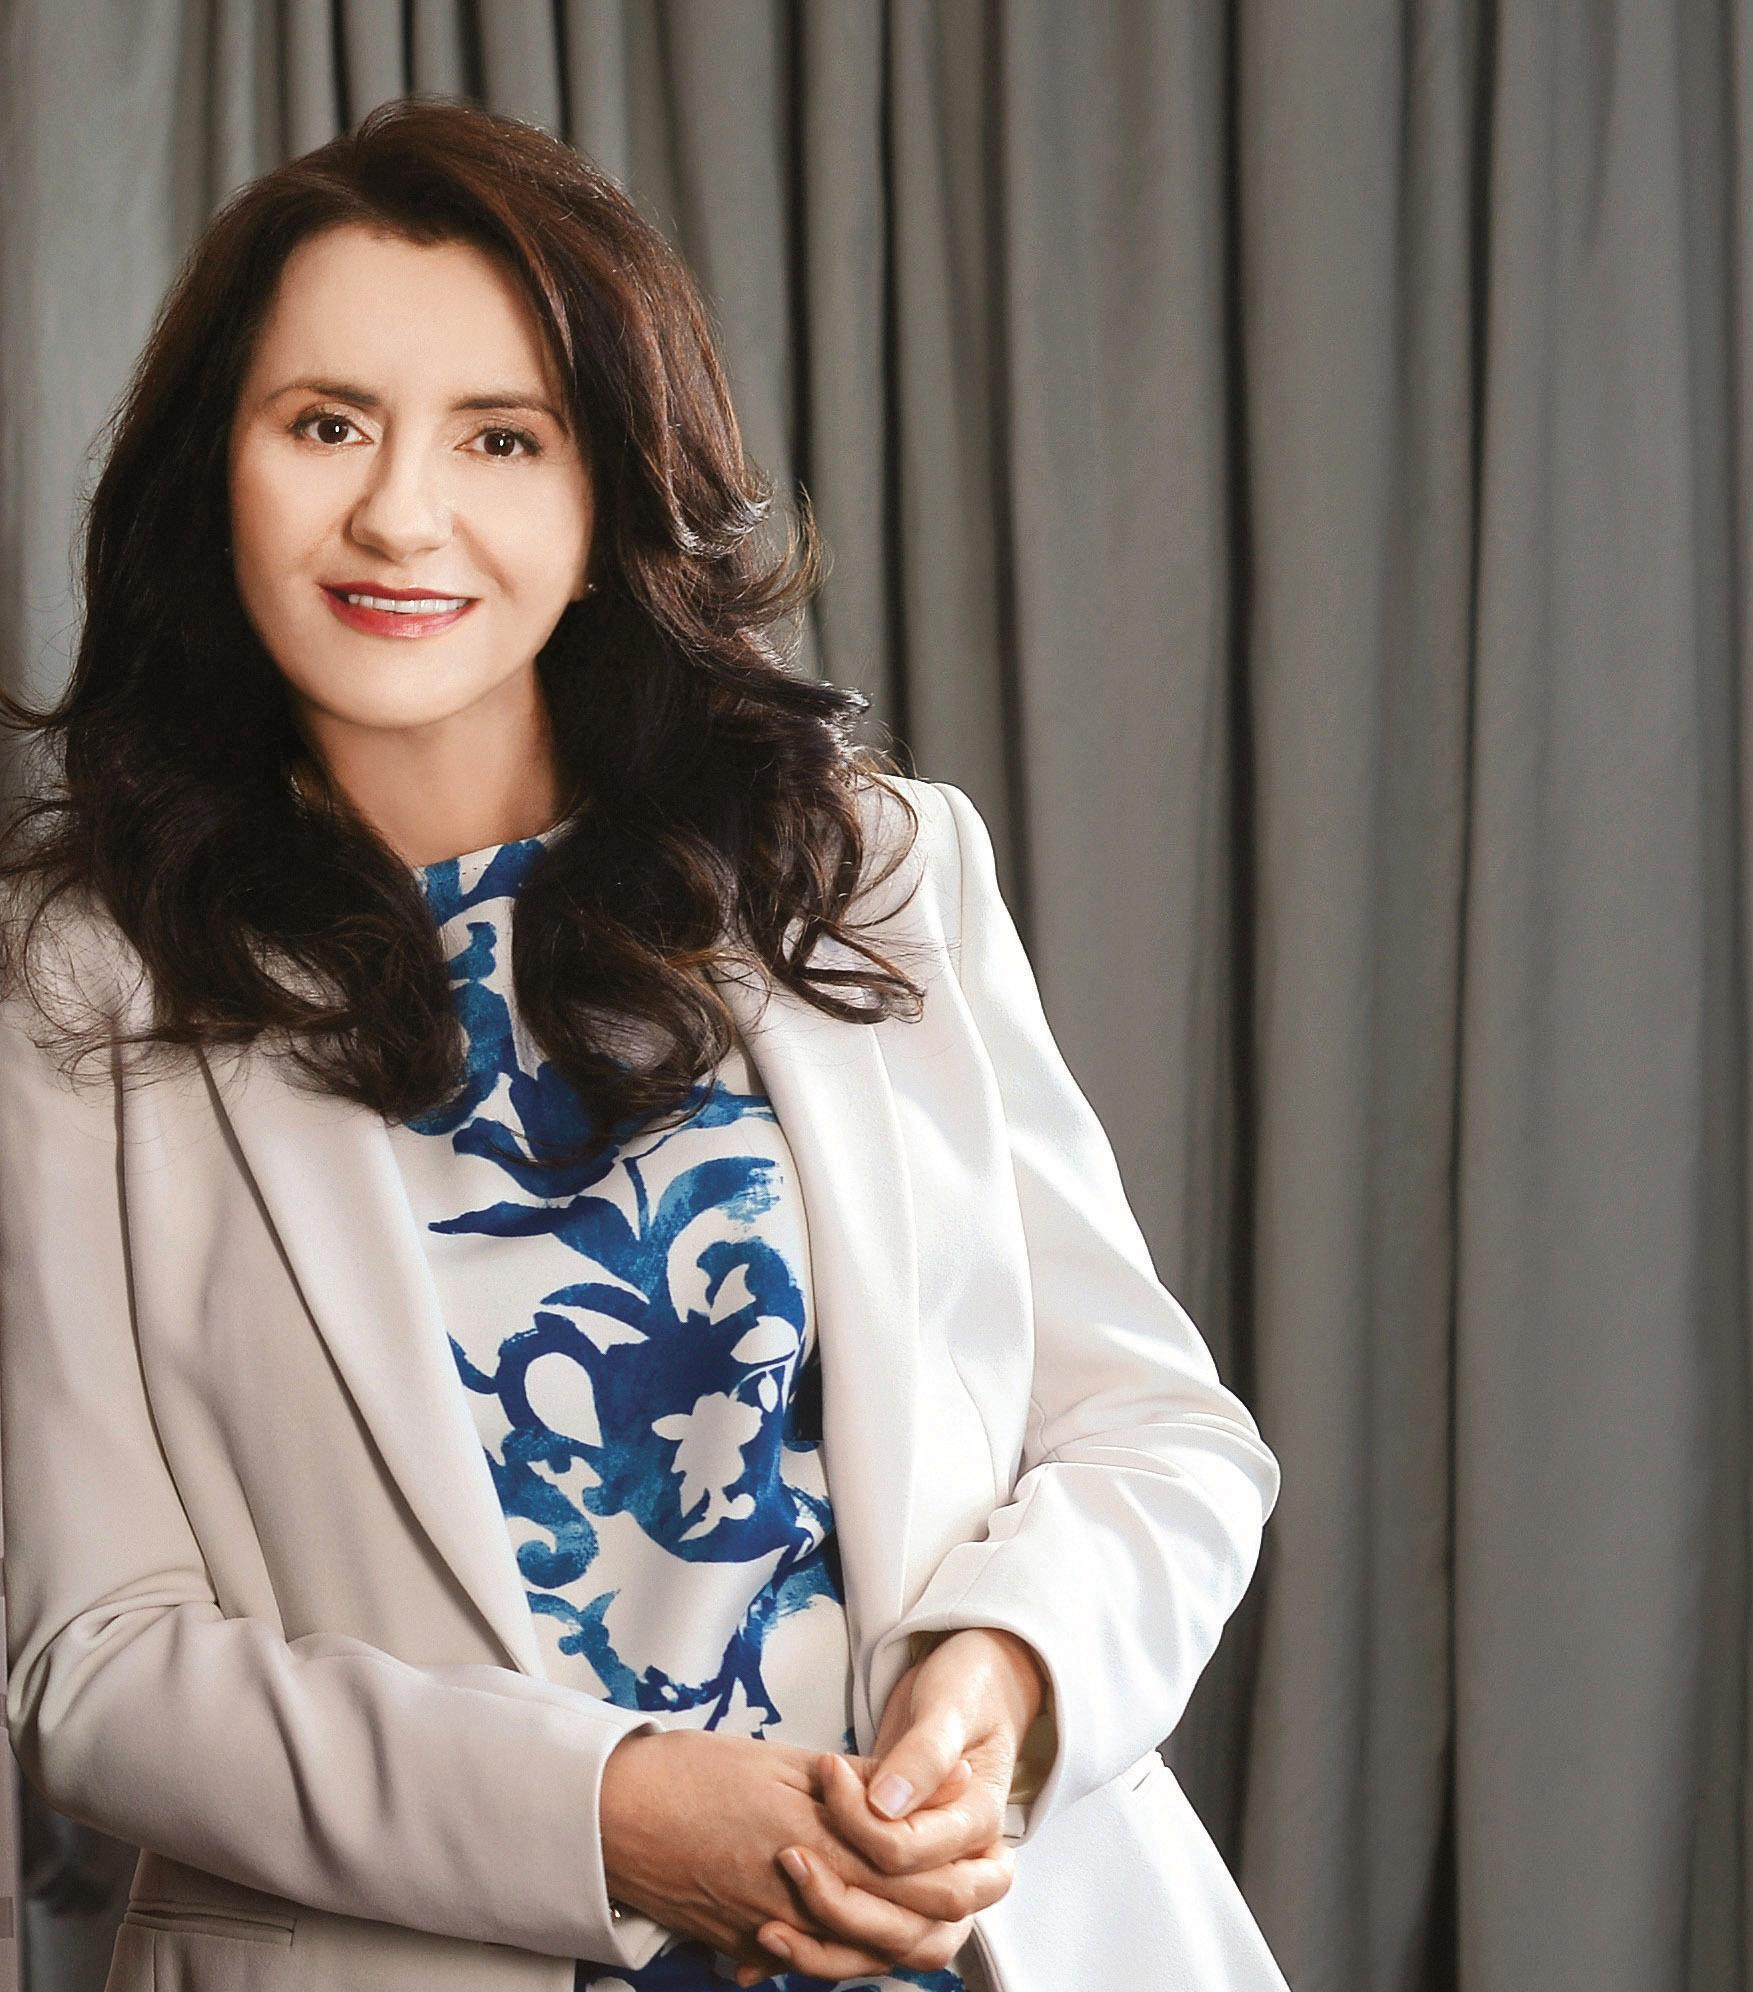 105 Cele mai puternice femei din business - Veronica Savanciuc, preşedinte şi CEO, Lowe Group